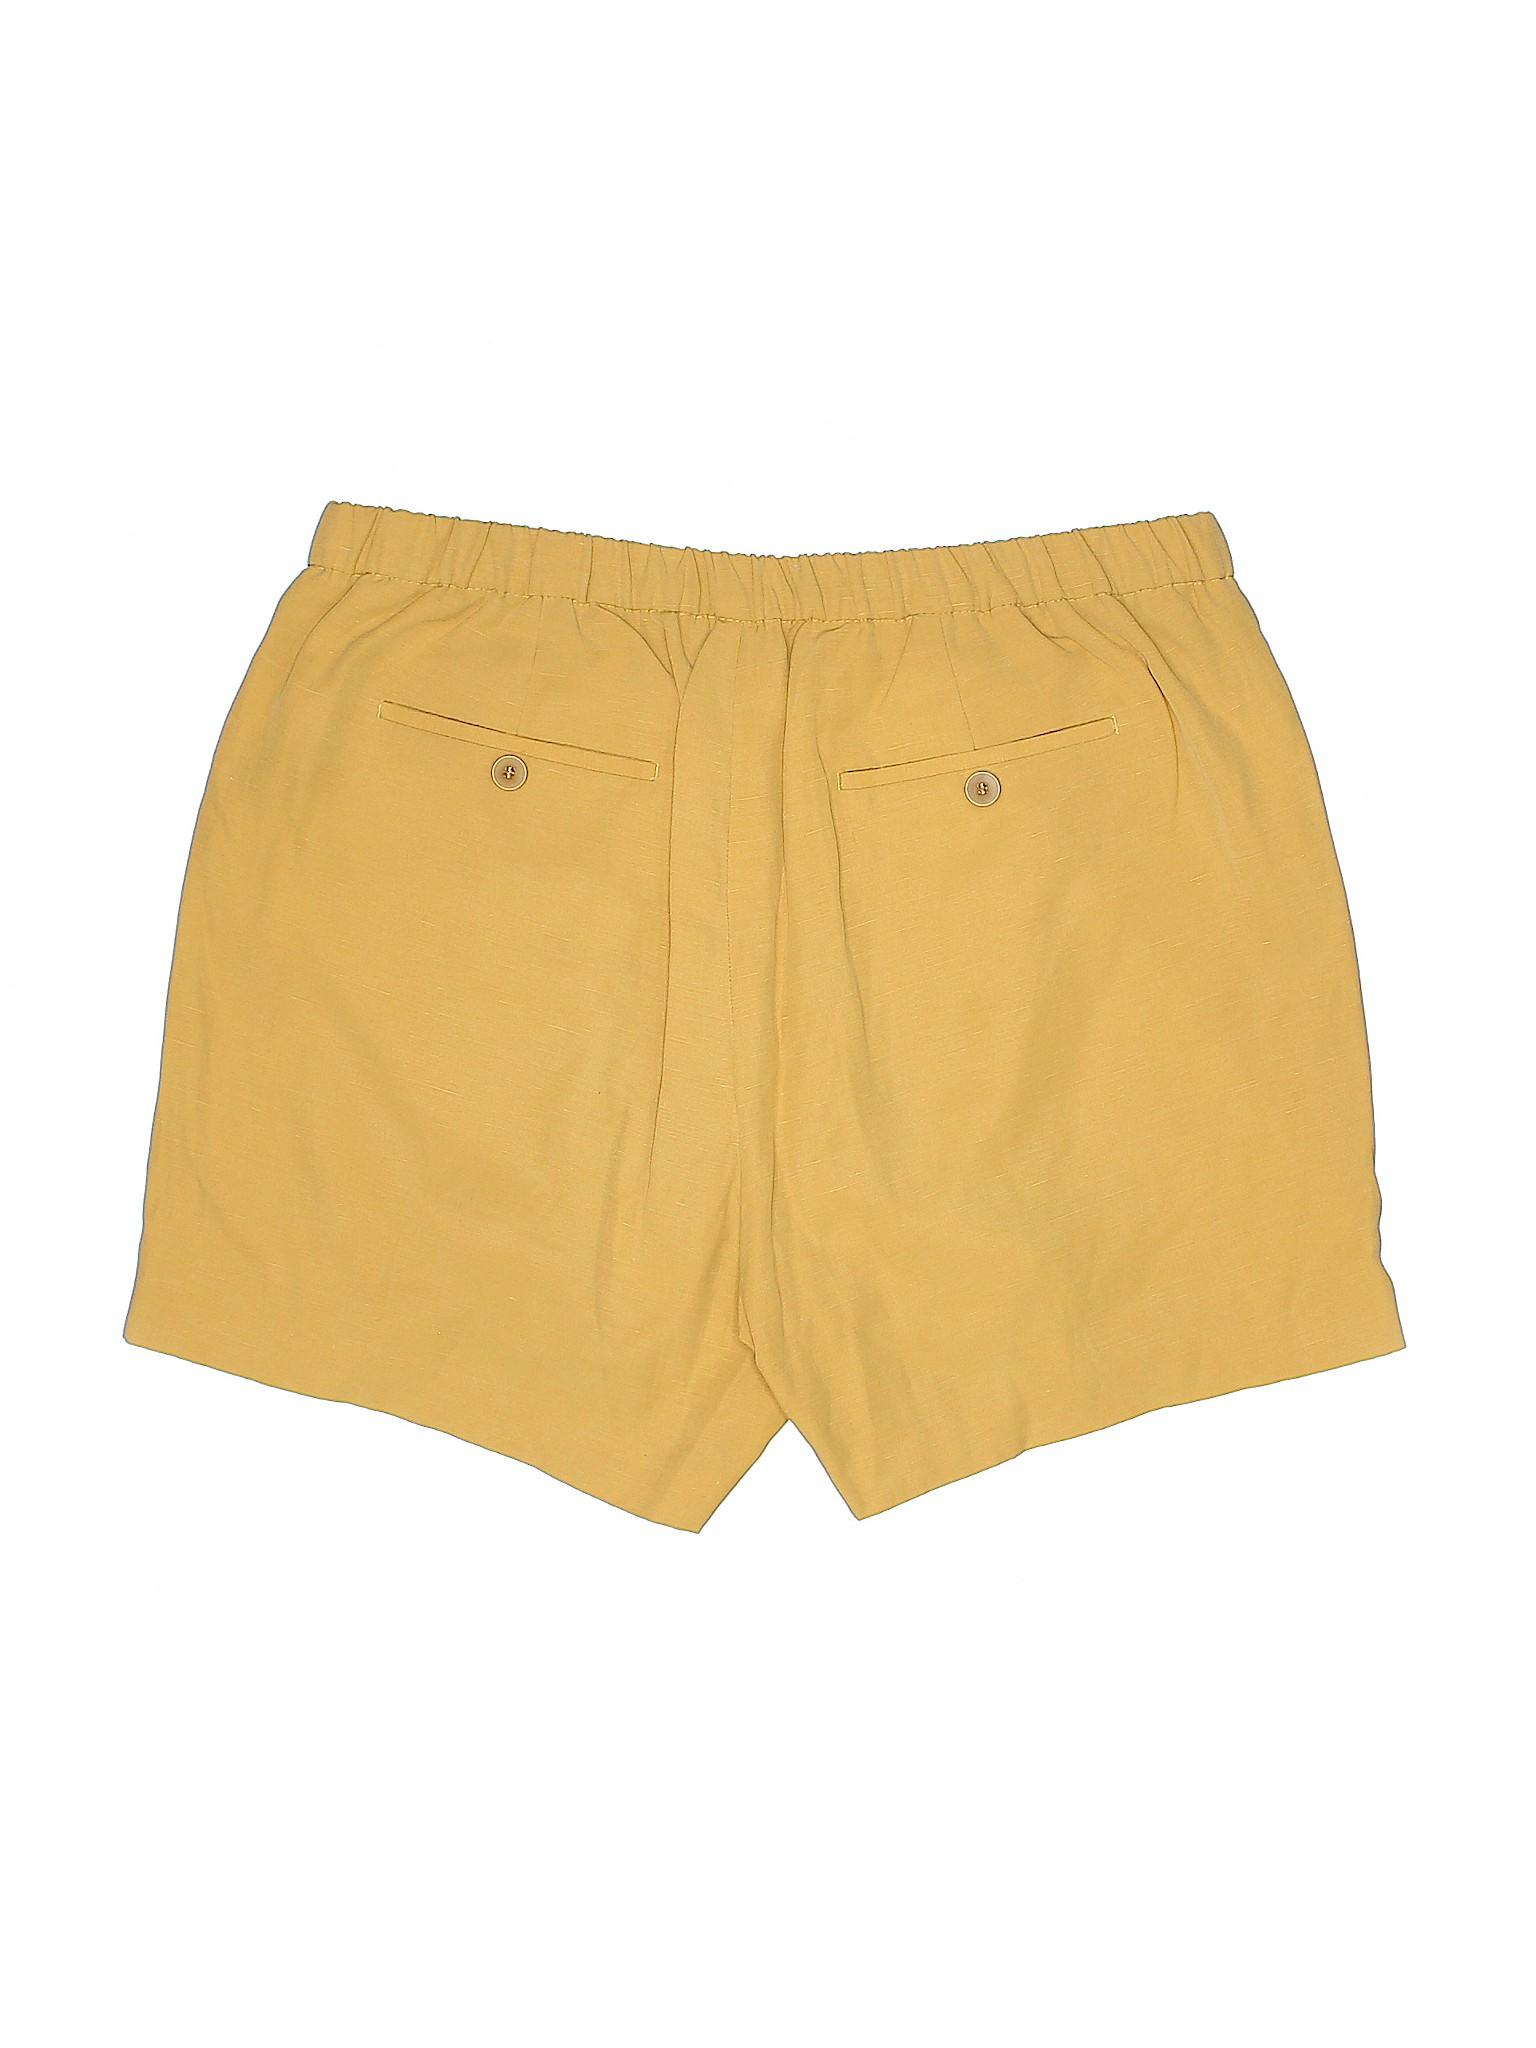 leisure Stile Boutique Benetton Shorts Dressy HzdTn